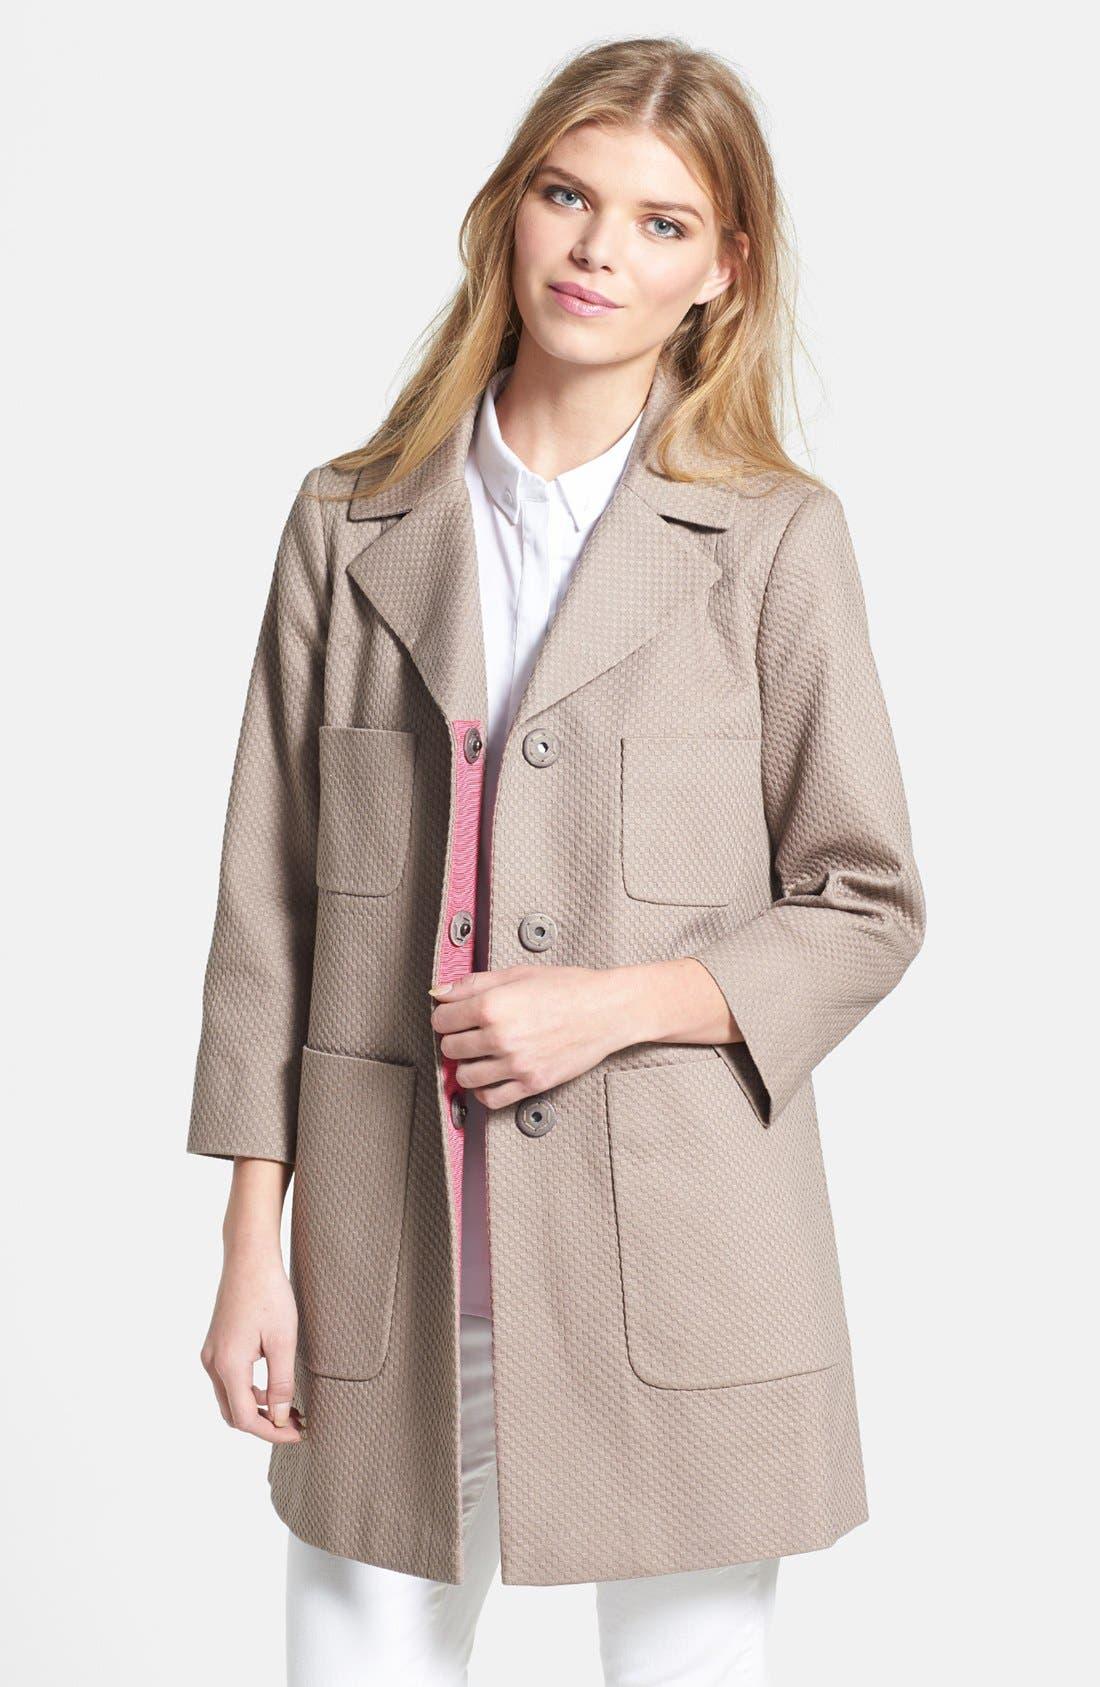 Alternate Image 1 Selected - T Tahari 'Acacia' Piqué Walking Coat